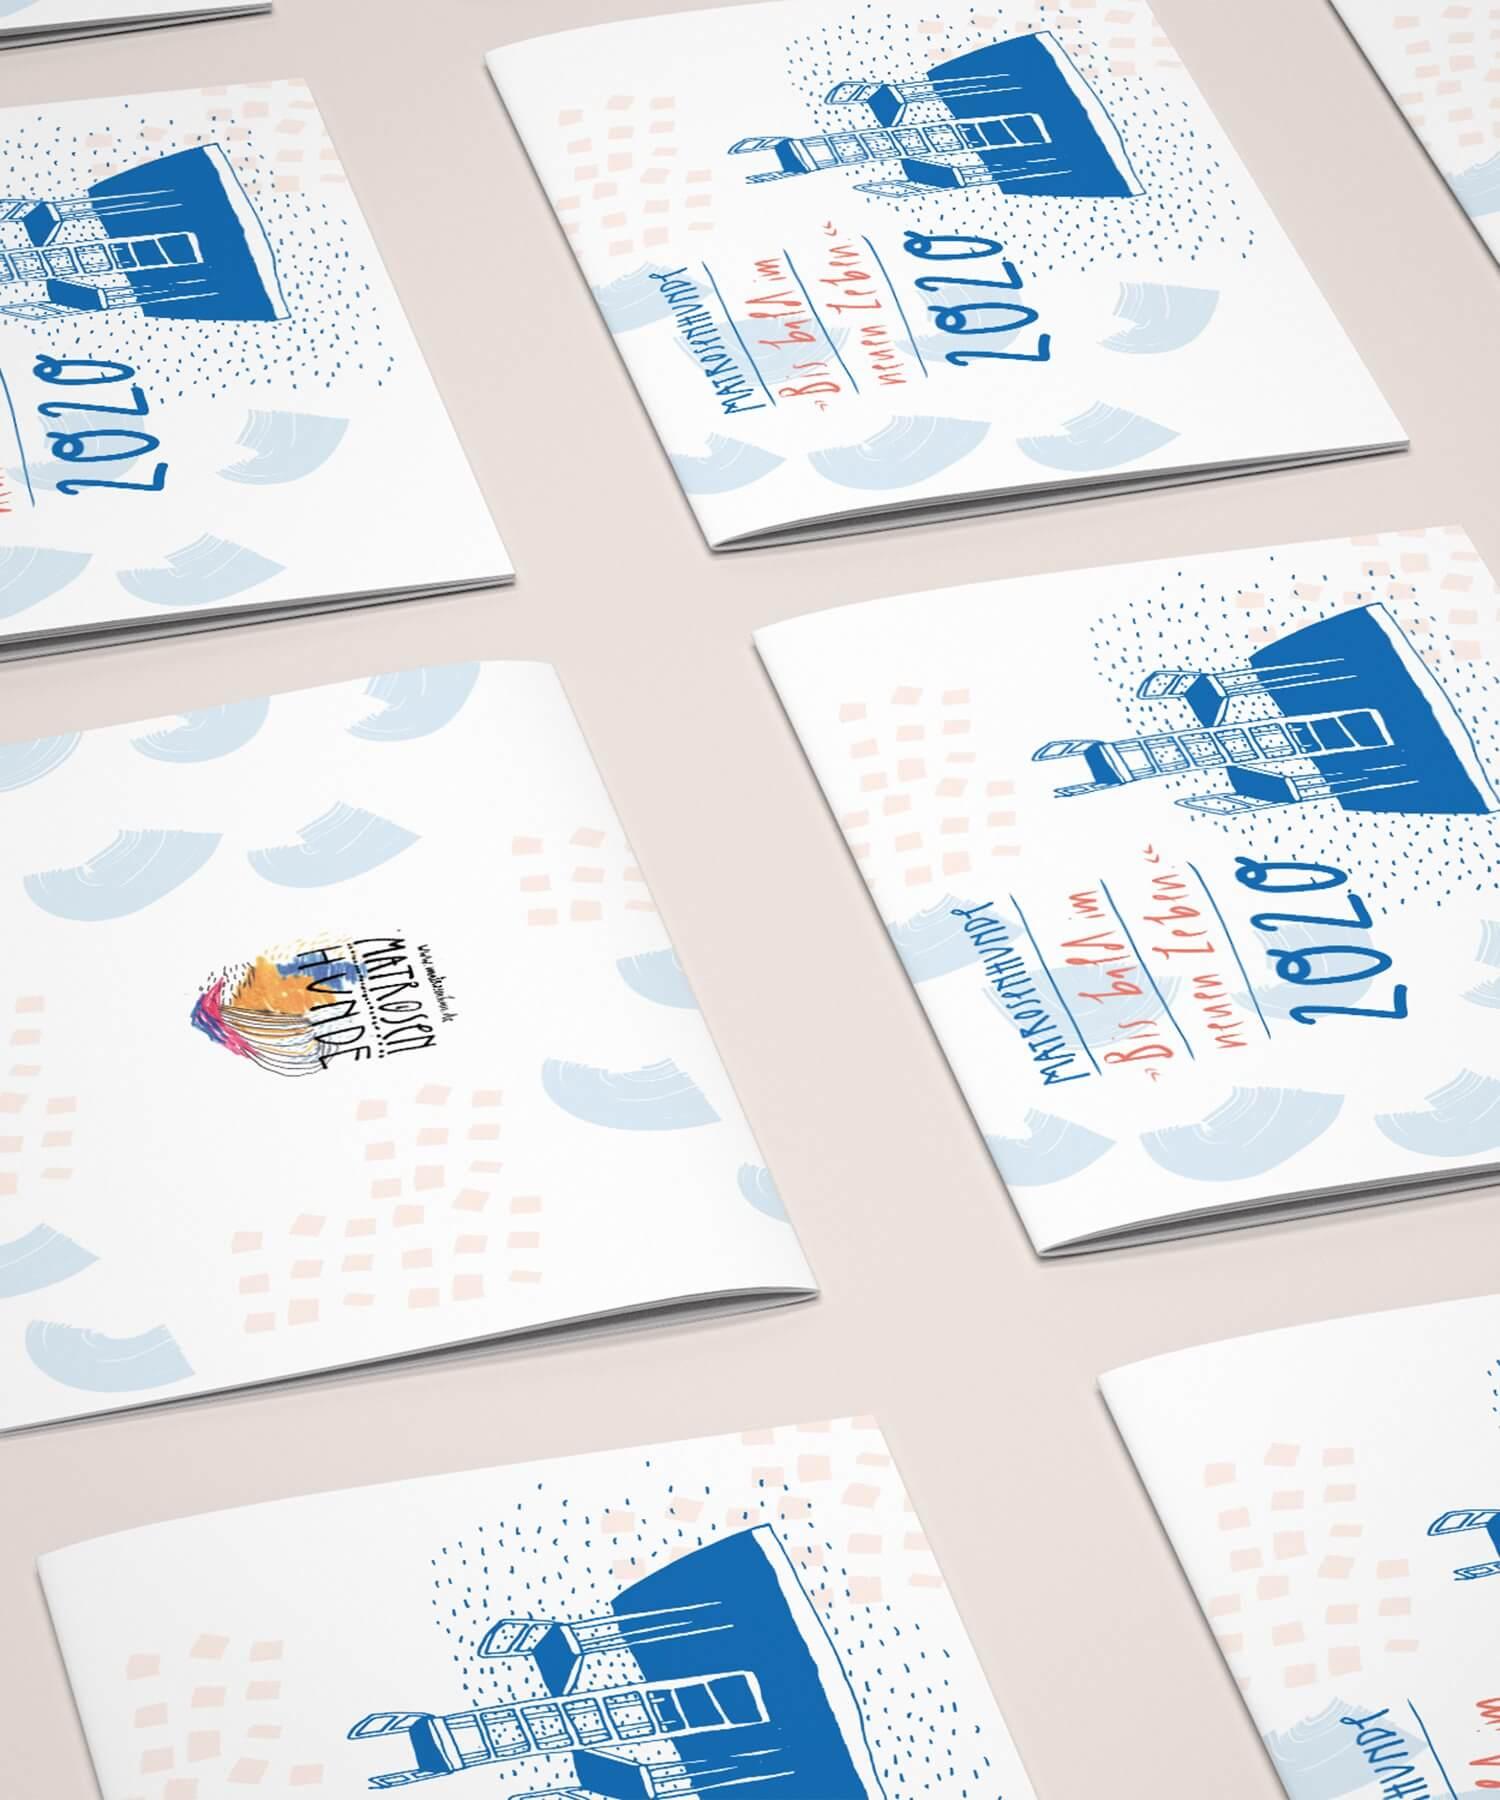 Matrosenhunde Illustration zeichnung Kalender 2020 Papierkalender Kunstkalender Illustrationskalender